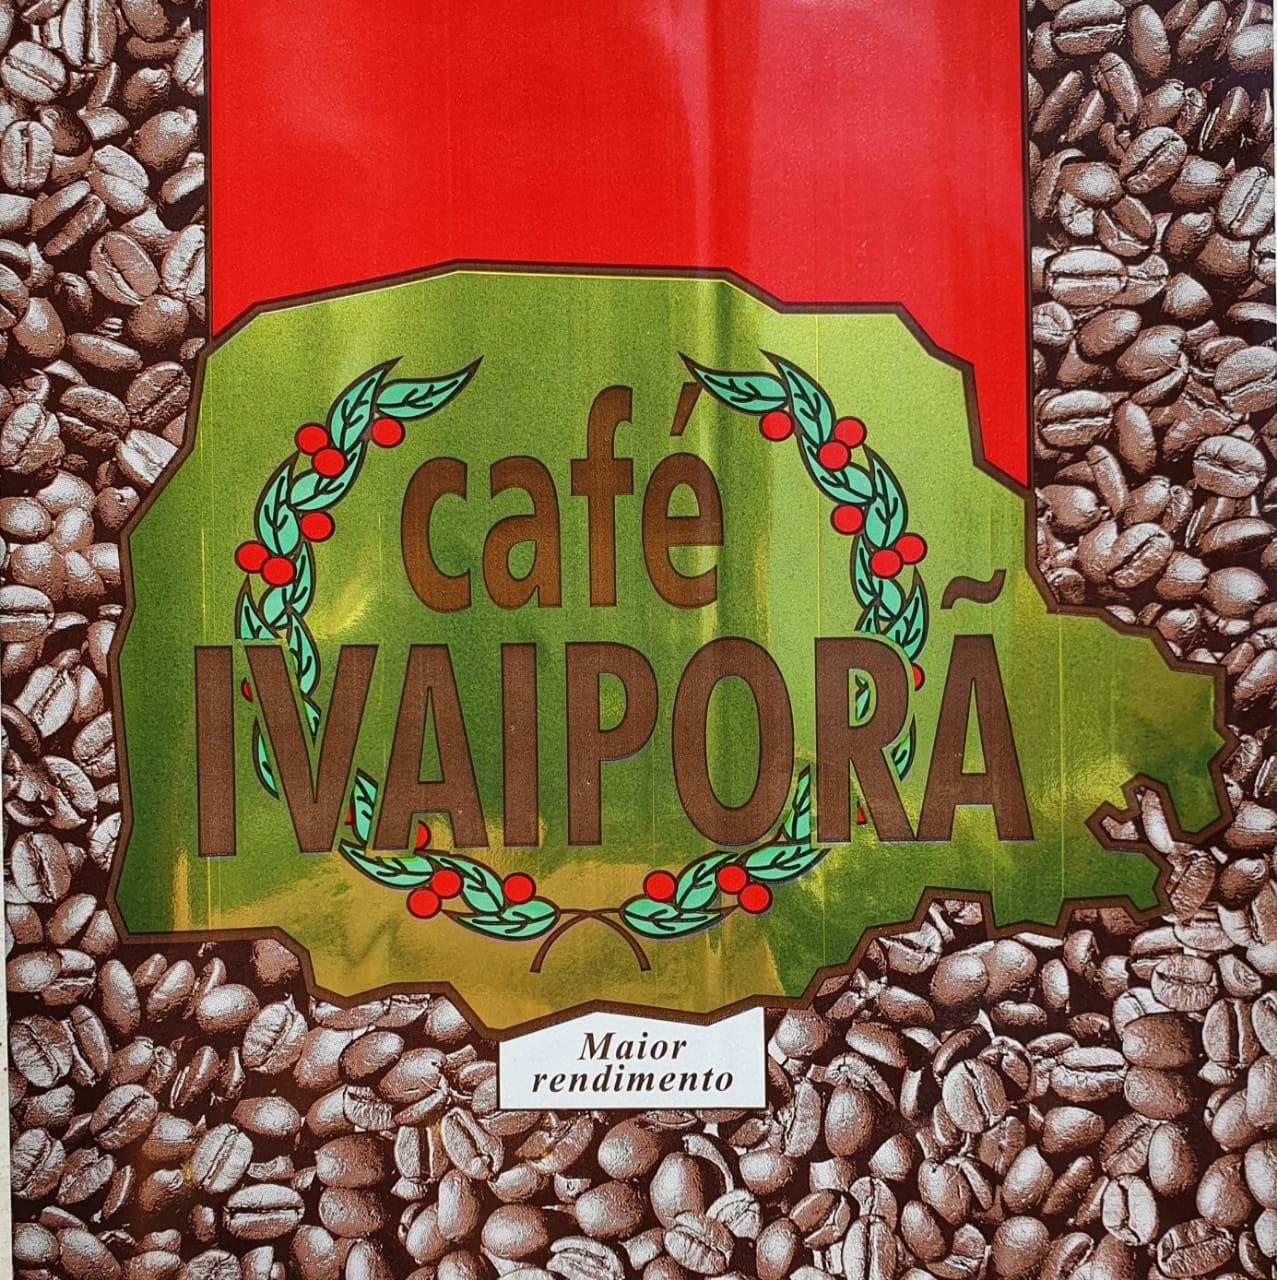 Café Ivaiporã